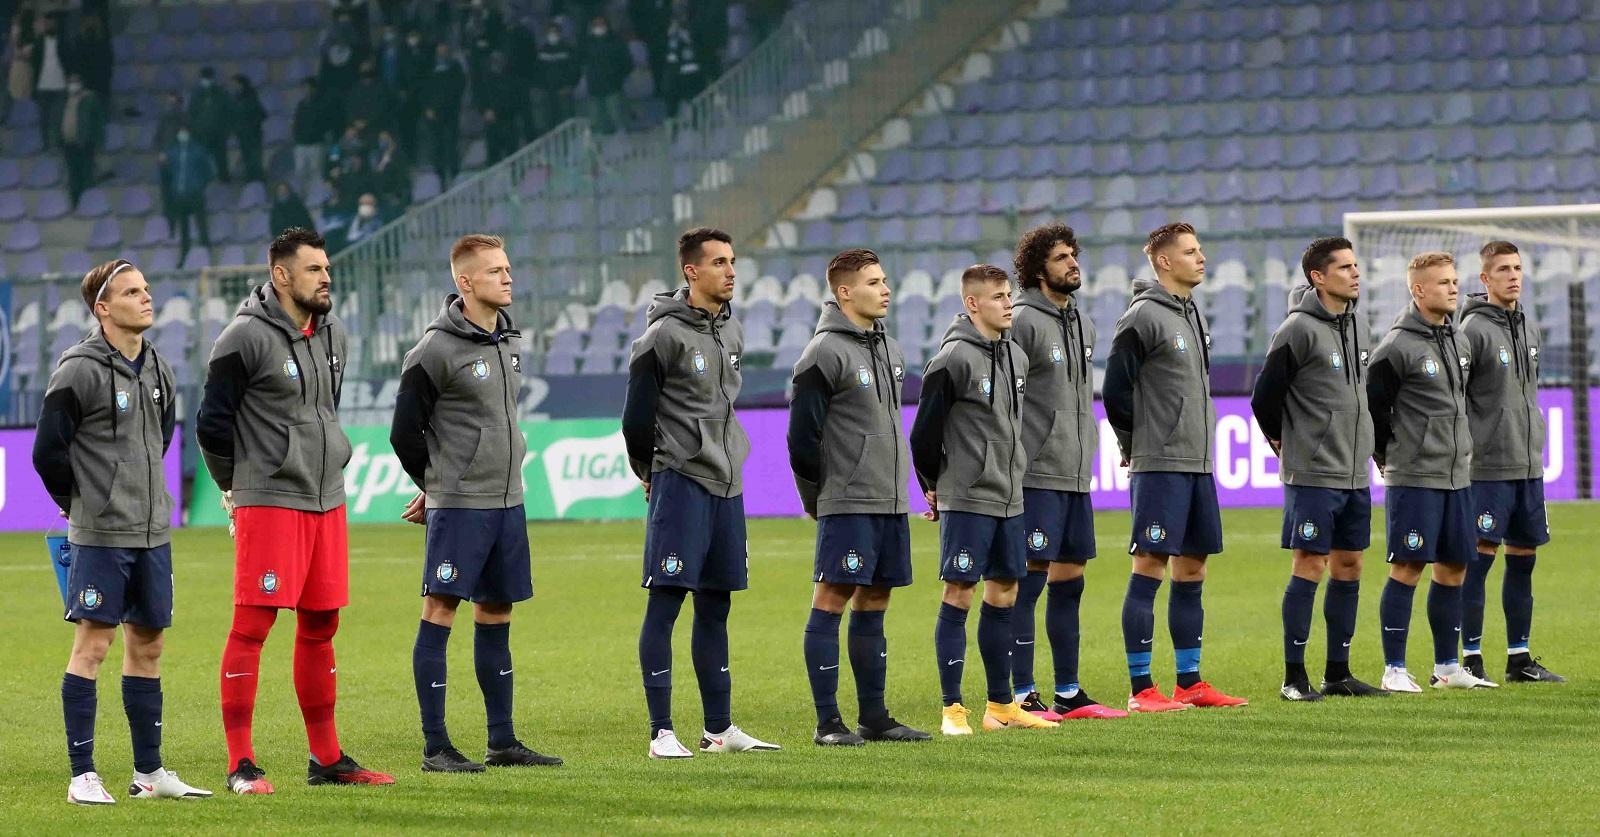 Képgaléria: Újpest FC - MTK Budapest 0-4 (0-3)